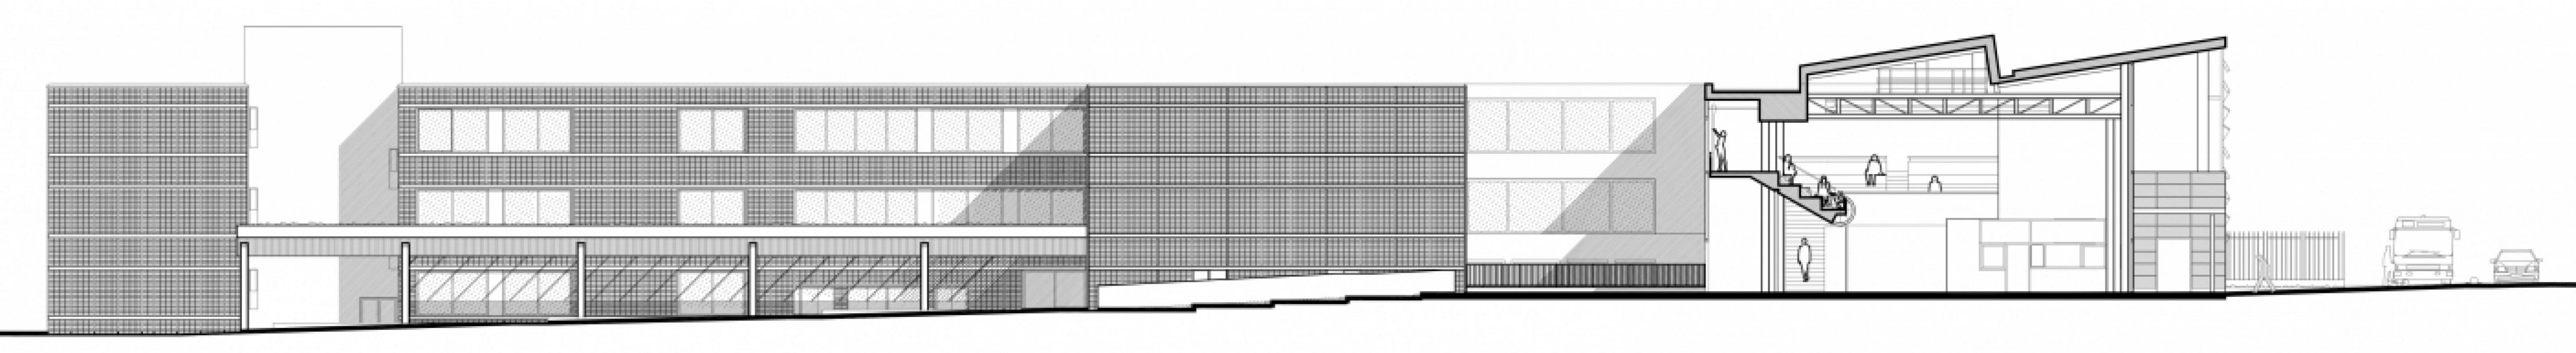 3-arpajon01 Pascale SEURIN Architecte - Enseignement